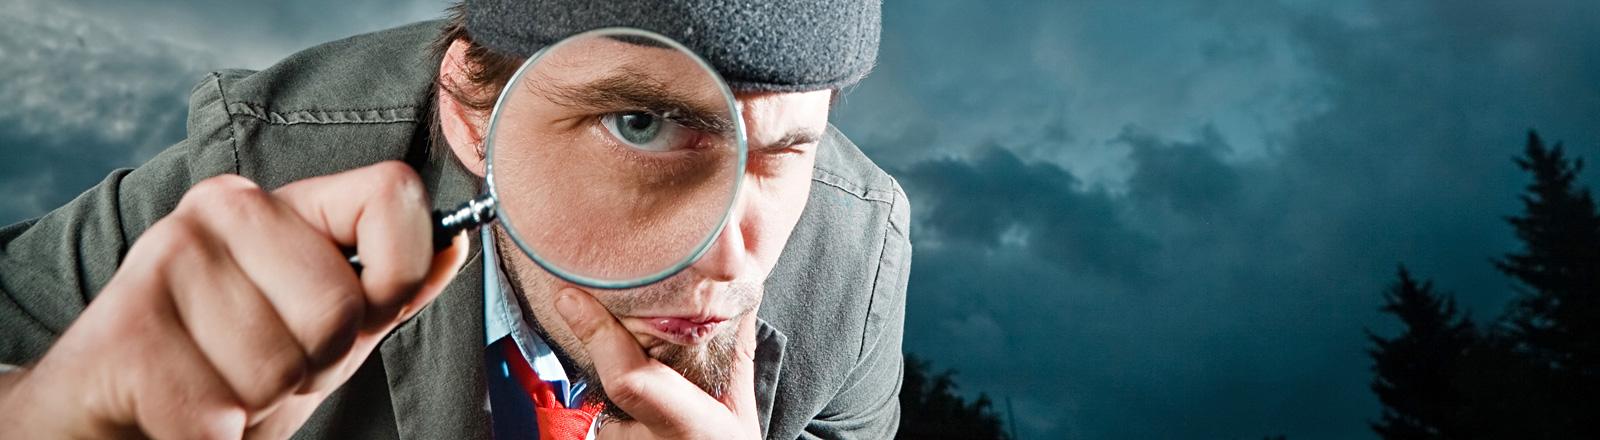 Ein Mann hat eine Lupe vor dem Auge und blickt hindurch. Er macht einen nachforschenden Eindruck.